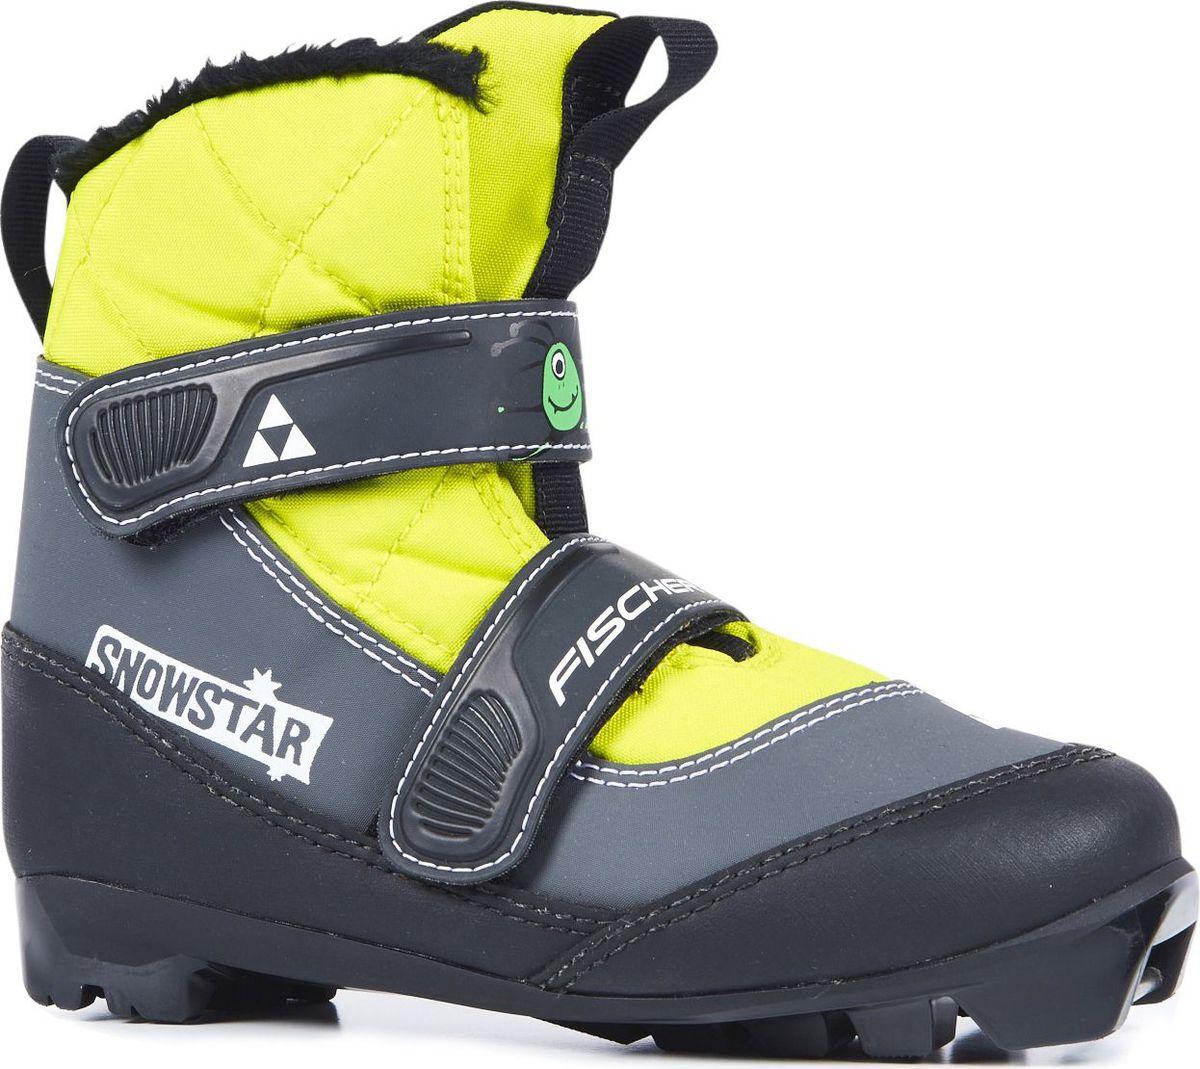 Ботинки лыжные для мальчика Fischer Snowstar, цвет: желтый. S41017. Размер 25S41017Лыжные ботинки Fischer Snowstar - модель для самых маленьких лыжников. Комфортная мягкая подошва, водоотталкивающий утеплитель Comfort Guard дополнительно защищает от холода и влаги, удобная застежка-липучка облегчает надевание. В ботинках удобно не только кататься, но и гулять, играть. Преимущества для потребителей: - Удобно надевать и снимать. - Очень теплые. - Подходят для катания и игр на снегу.Как выбрать лыжи ребёнку. Статья OZON Гид